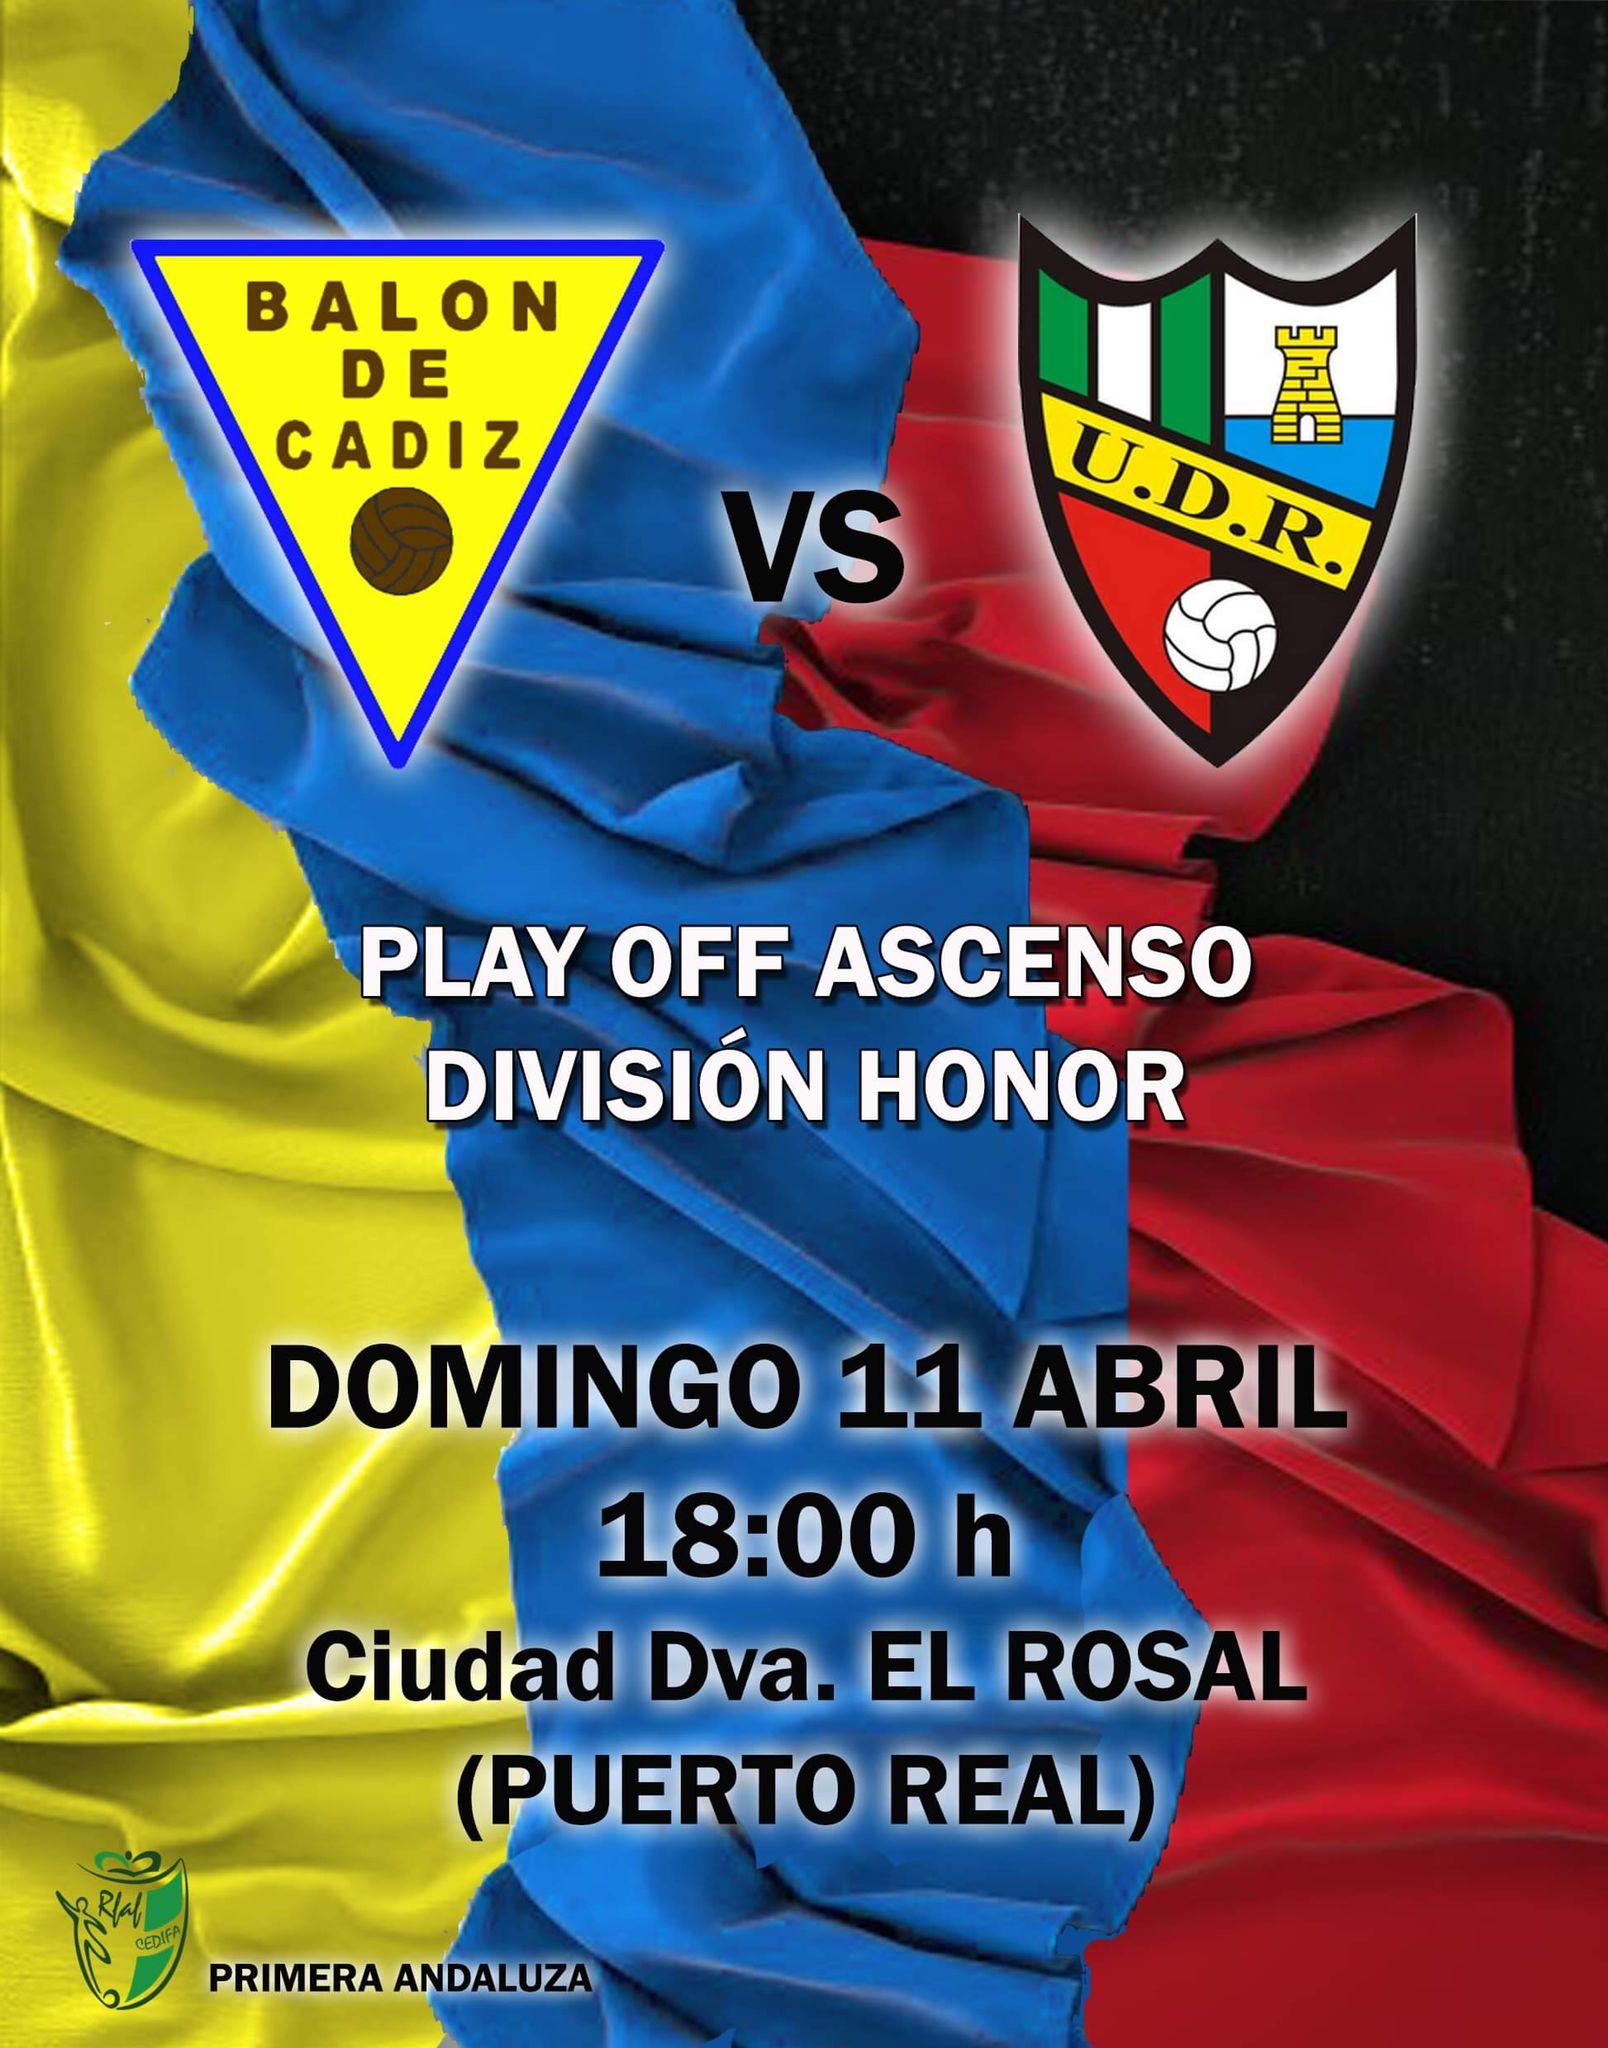 Balón de Cádiz - UD Roteña